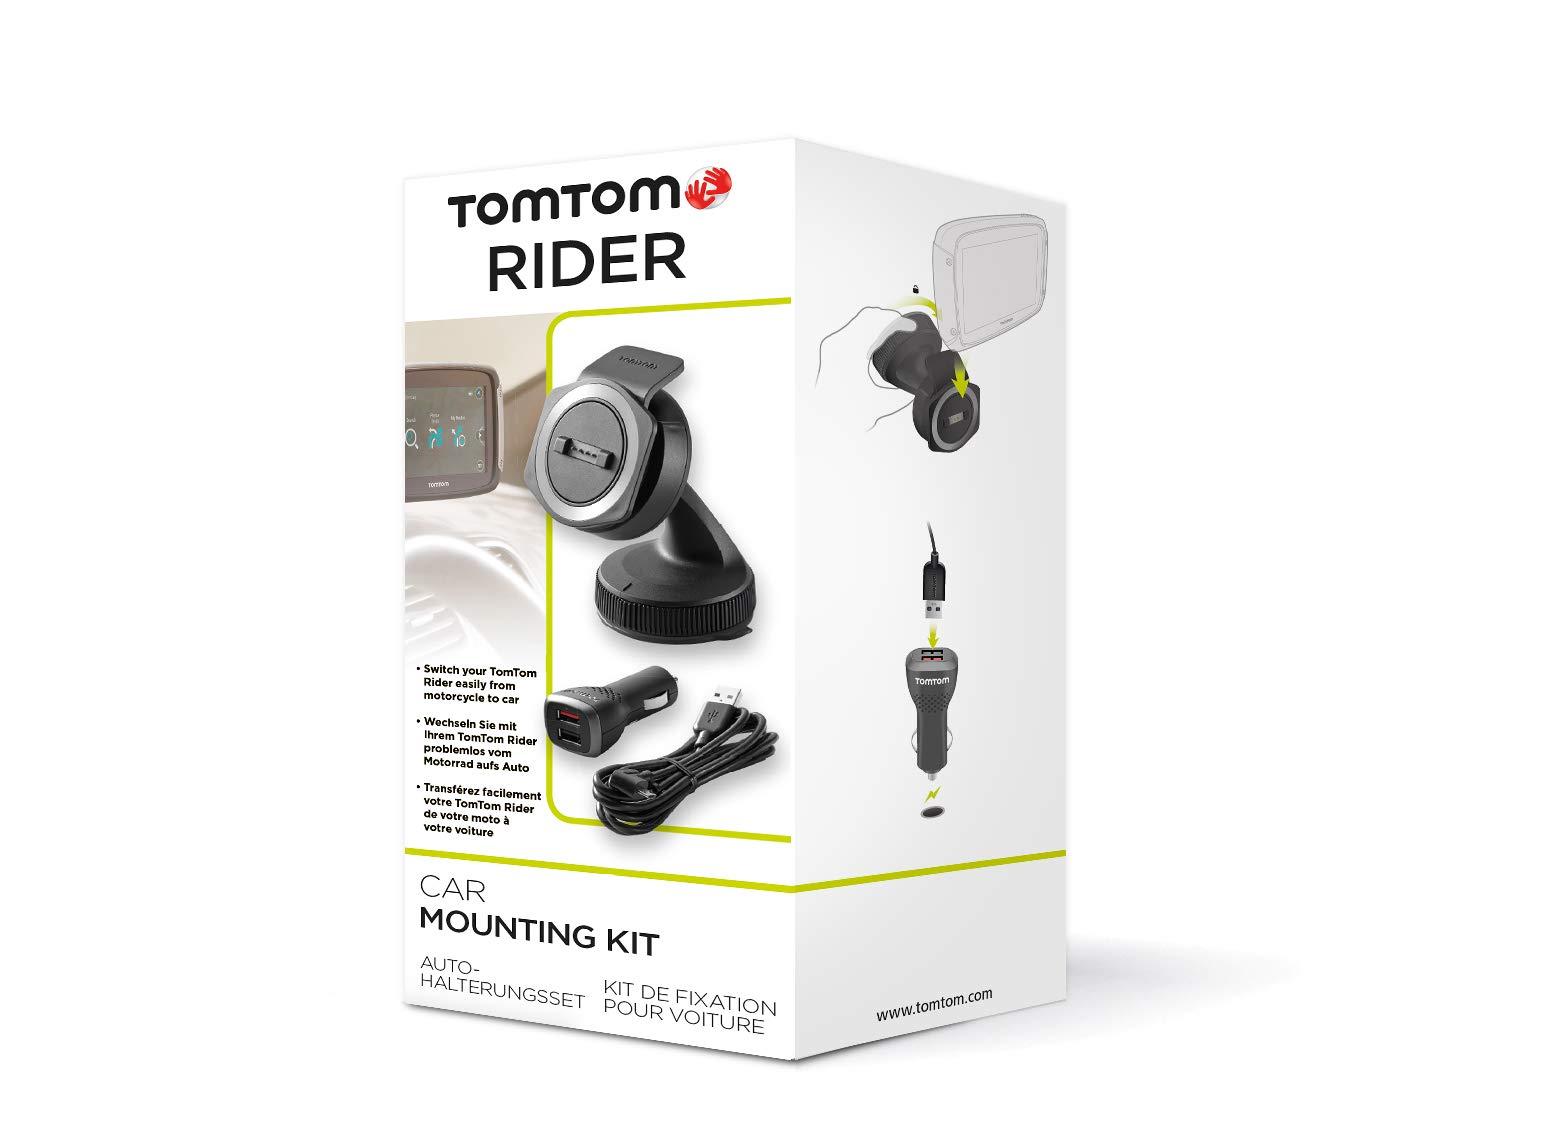 TomTom-Autohalterungsset-fr-Motorrad-Navigationsgert-Rider